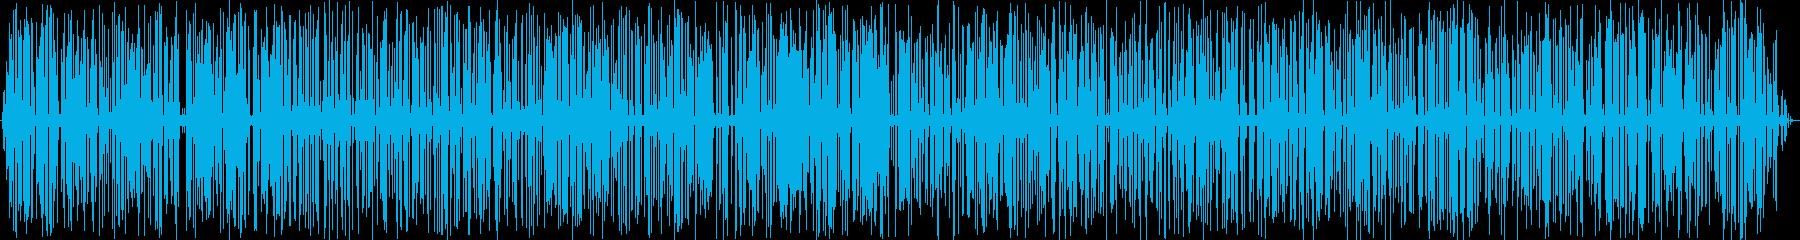 5分間のやさしい雨音・ポツポツの再生済みの波形